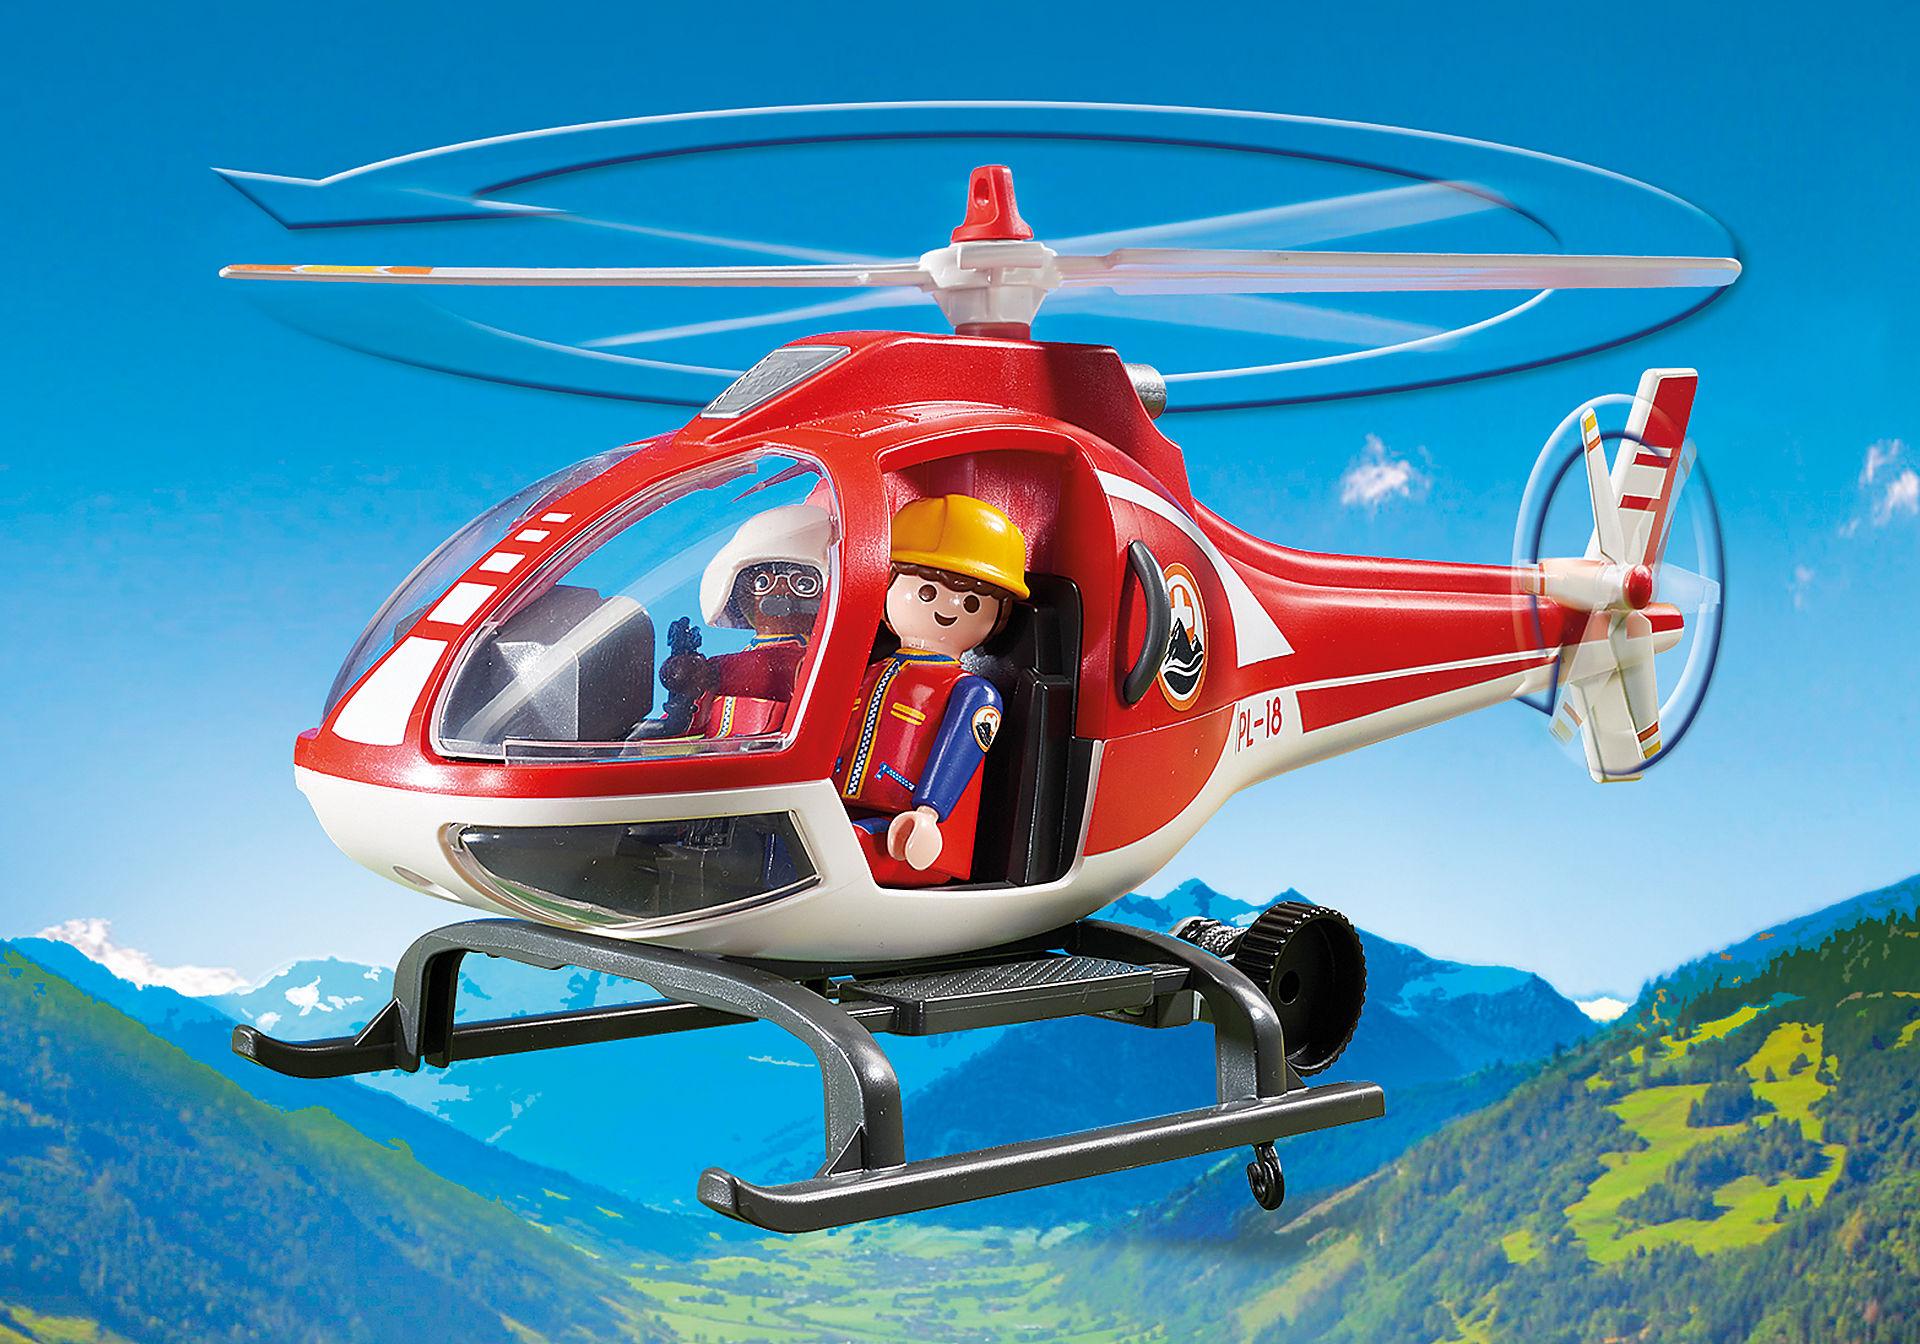 9127 Helicóptero de Resgate de Montanha zoom image6